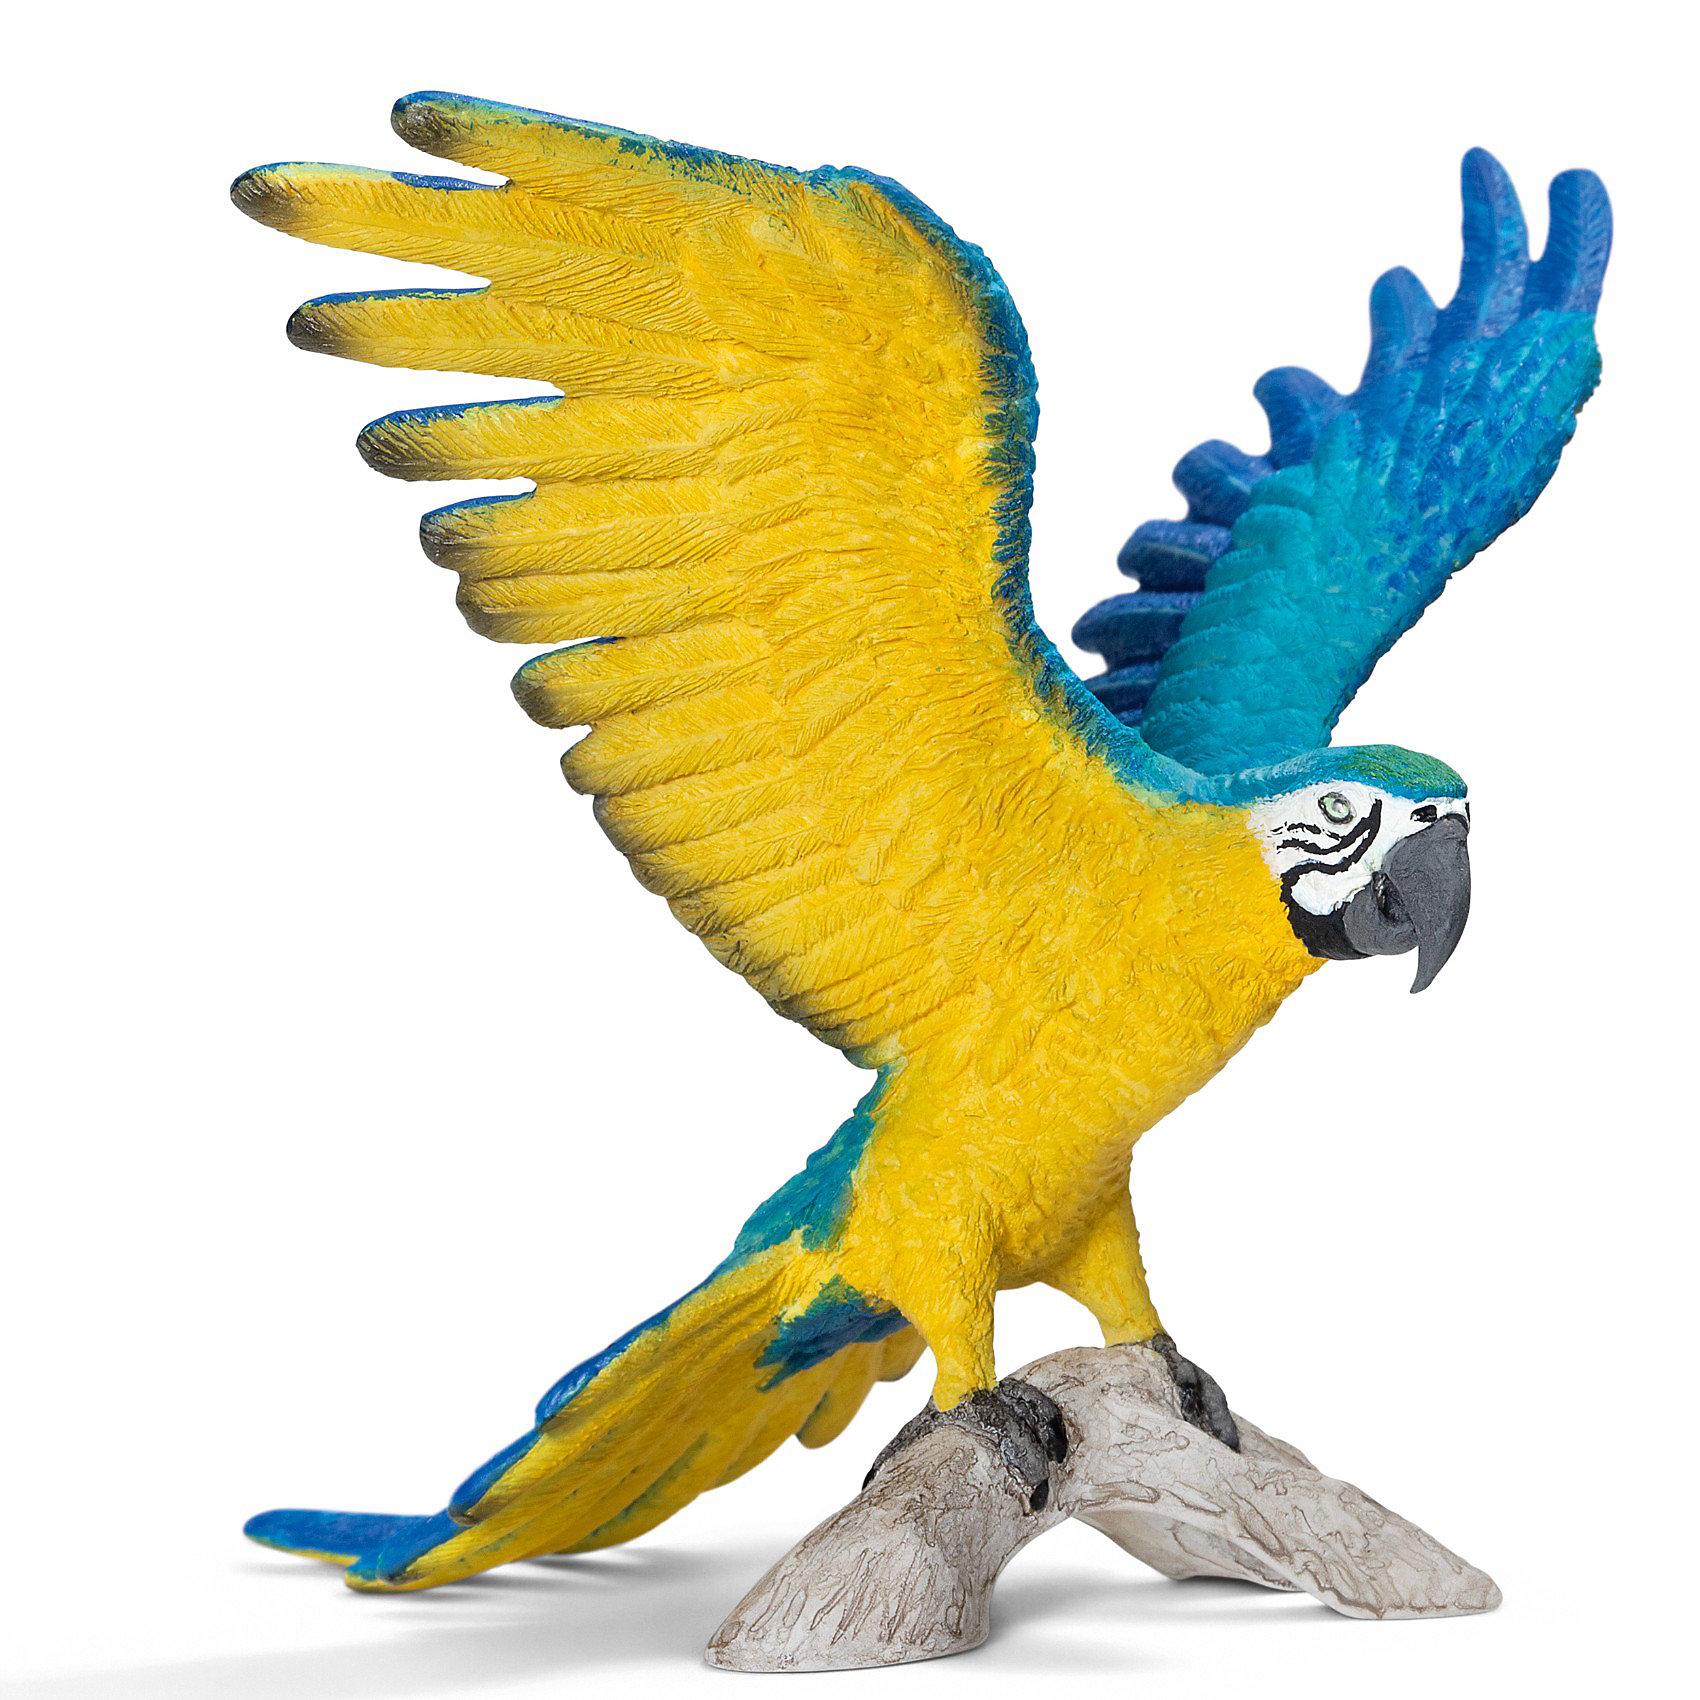 Сине-Желтый Ара. Серия Дикие животныеМир животных<br>Фигурка Сине-желтый ара Schleich.<br><br>Этот попугай с ярким оперением родом из Южной Америки. Сине-желтый ара – очень романтичная птица, самец и самка никогда не расстаются.<br><br>Попугай сине-желтый ара может достигать до 90 см в высоту, обитает эта красивая птица в Южной Америке в тропических лесах. <br><br>Фигурка Сине-желтый ара Schleich (Шляйх) из серии Дикие животные выполнена из каучукового пластика, каждая фигурка раскрашивается вручную.<br><br>Дополнительная информация:<br><br>- Размеры (ДхШхВ): около 8 х 8 х 9 см<br><br>Ширина мм: 95<br>Глубина мм: 81<br>Высота мм: 58<br>Вес г: 16<br>Возраст от месяцев: 36<br>Возраст до месяцев: 96<br>Пол: Унисекс<br>Возраст: Детский<br>SKU: 2609266